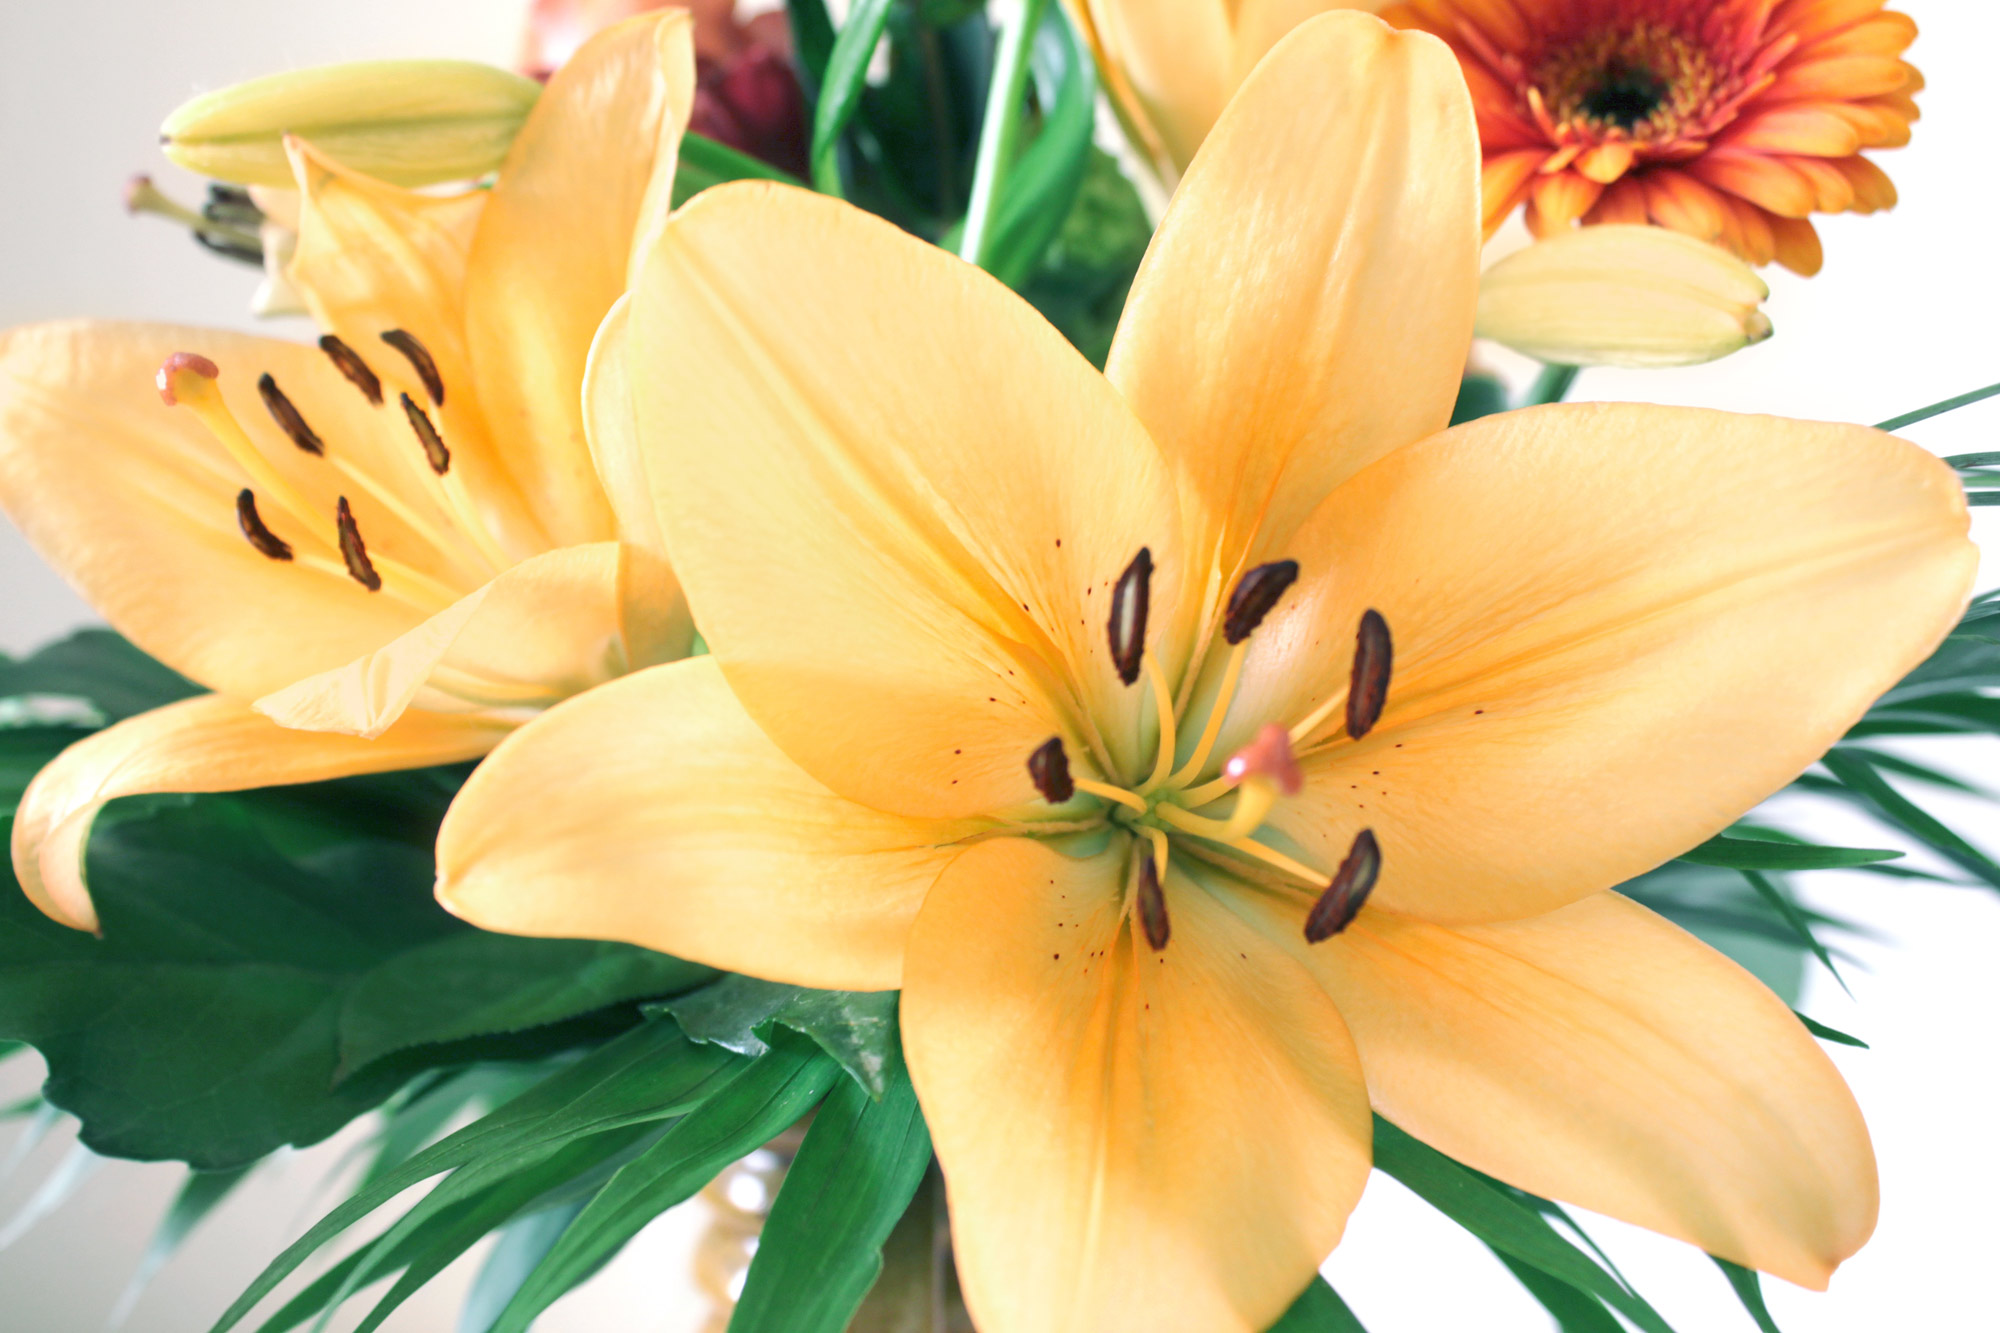 Lilien Blumenstrau  kostenlose Bilder download  Titania